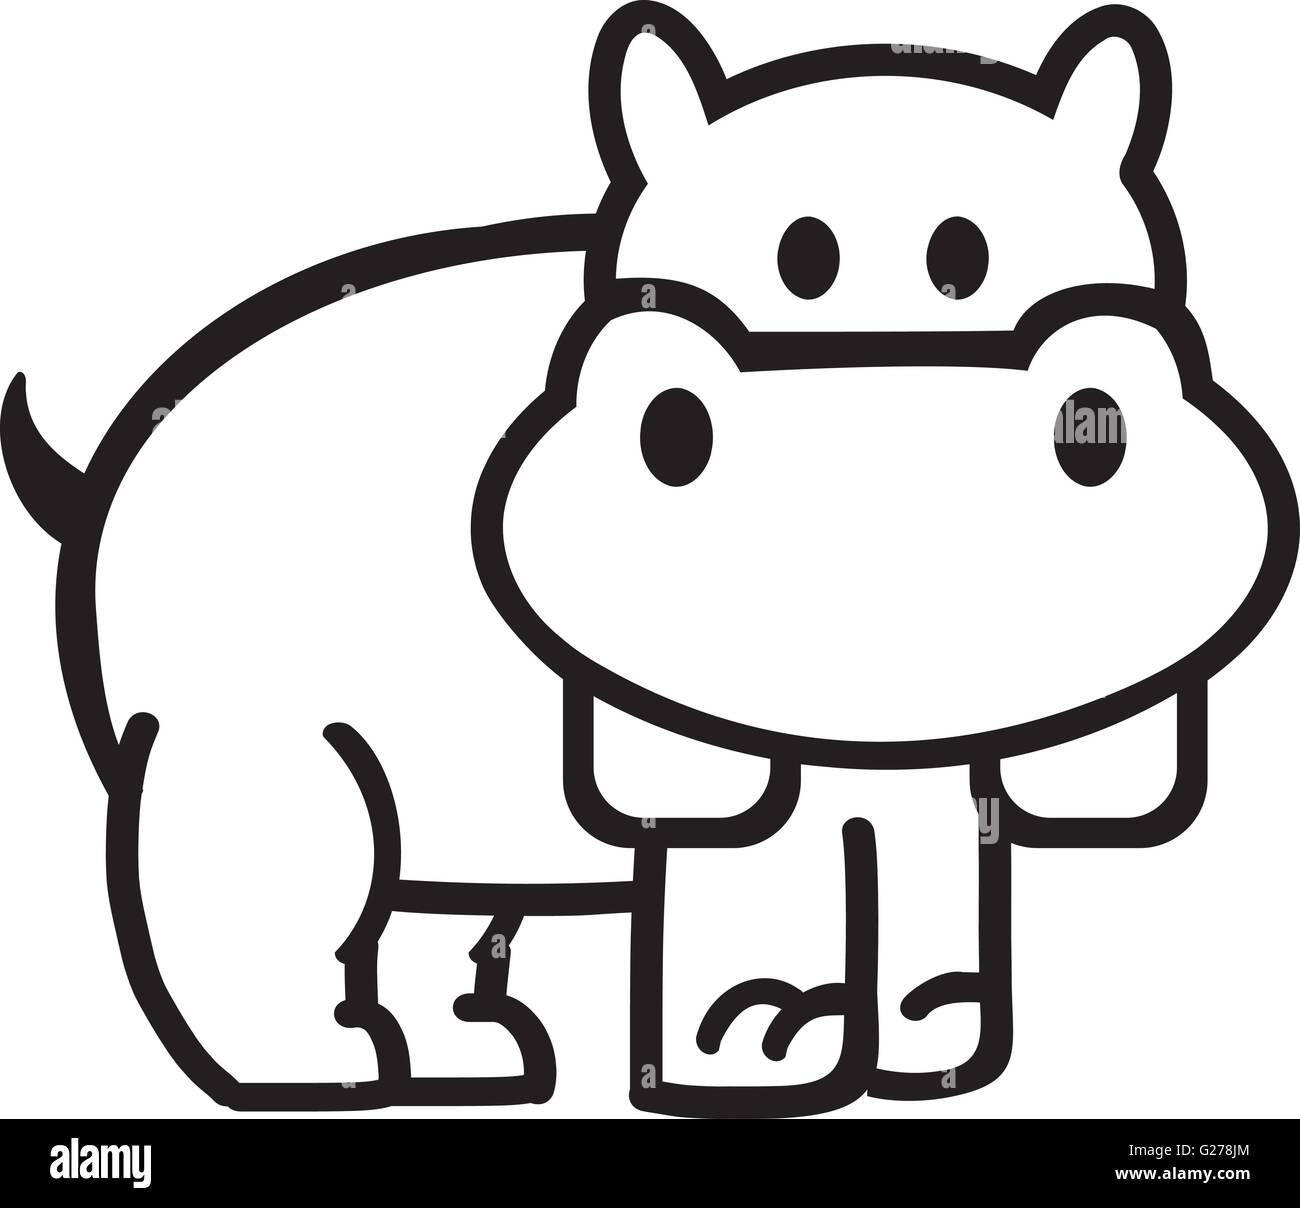 Nilpferd-Gliederung-comic Vektor Abbildung - Bild: 104651980 - Alamy